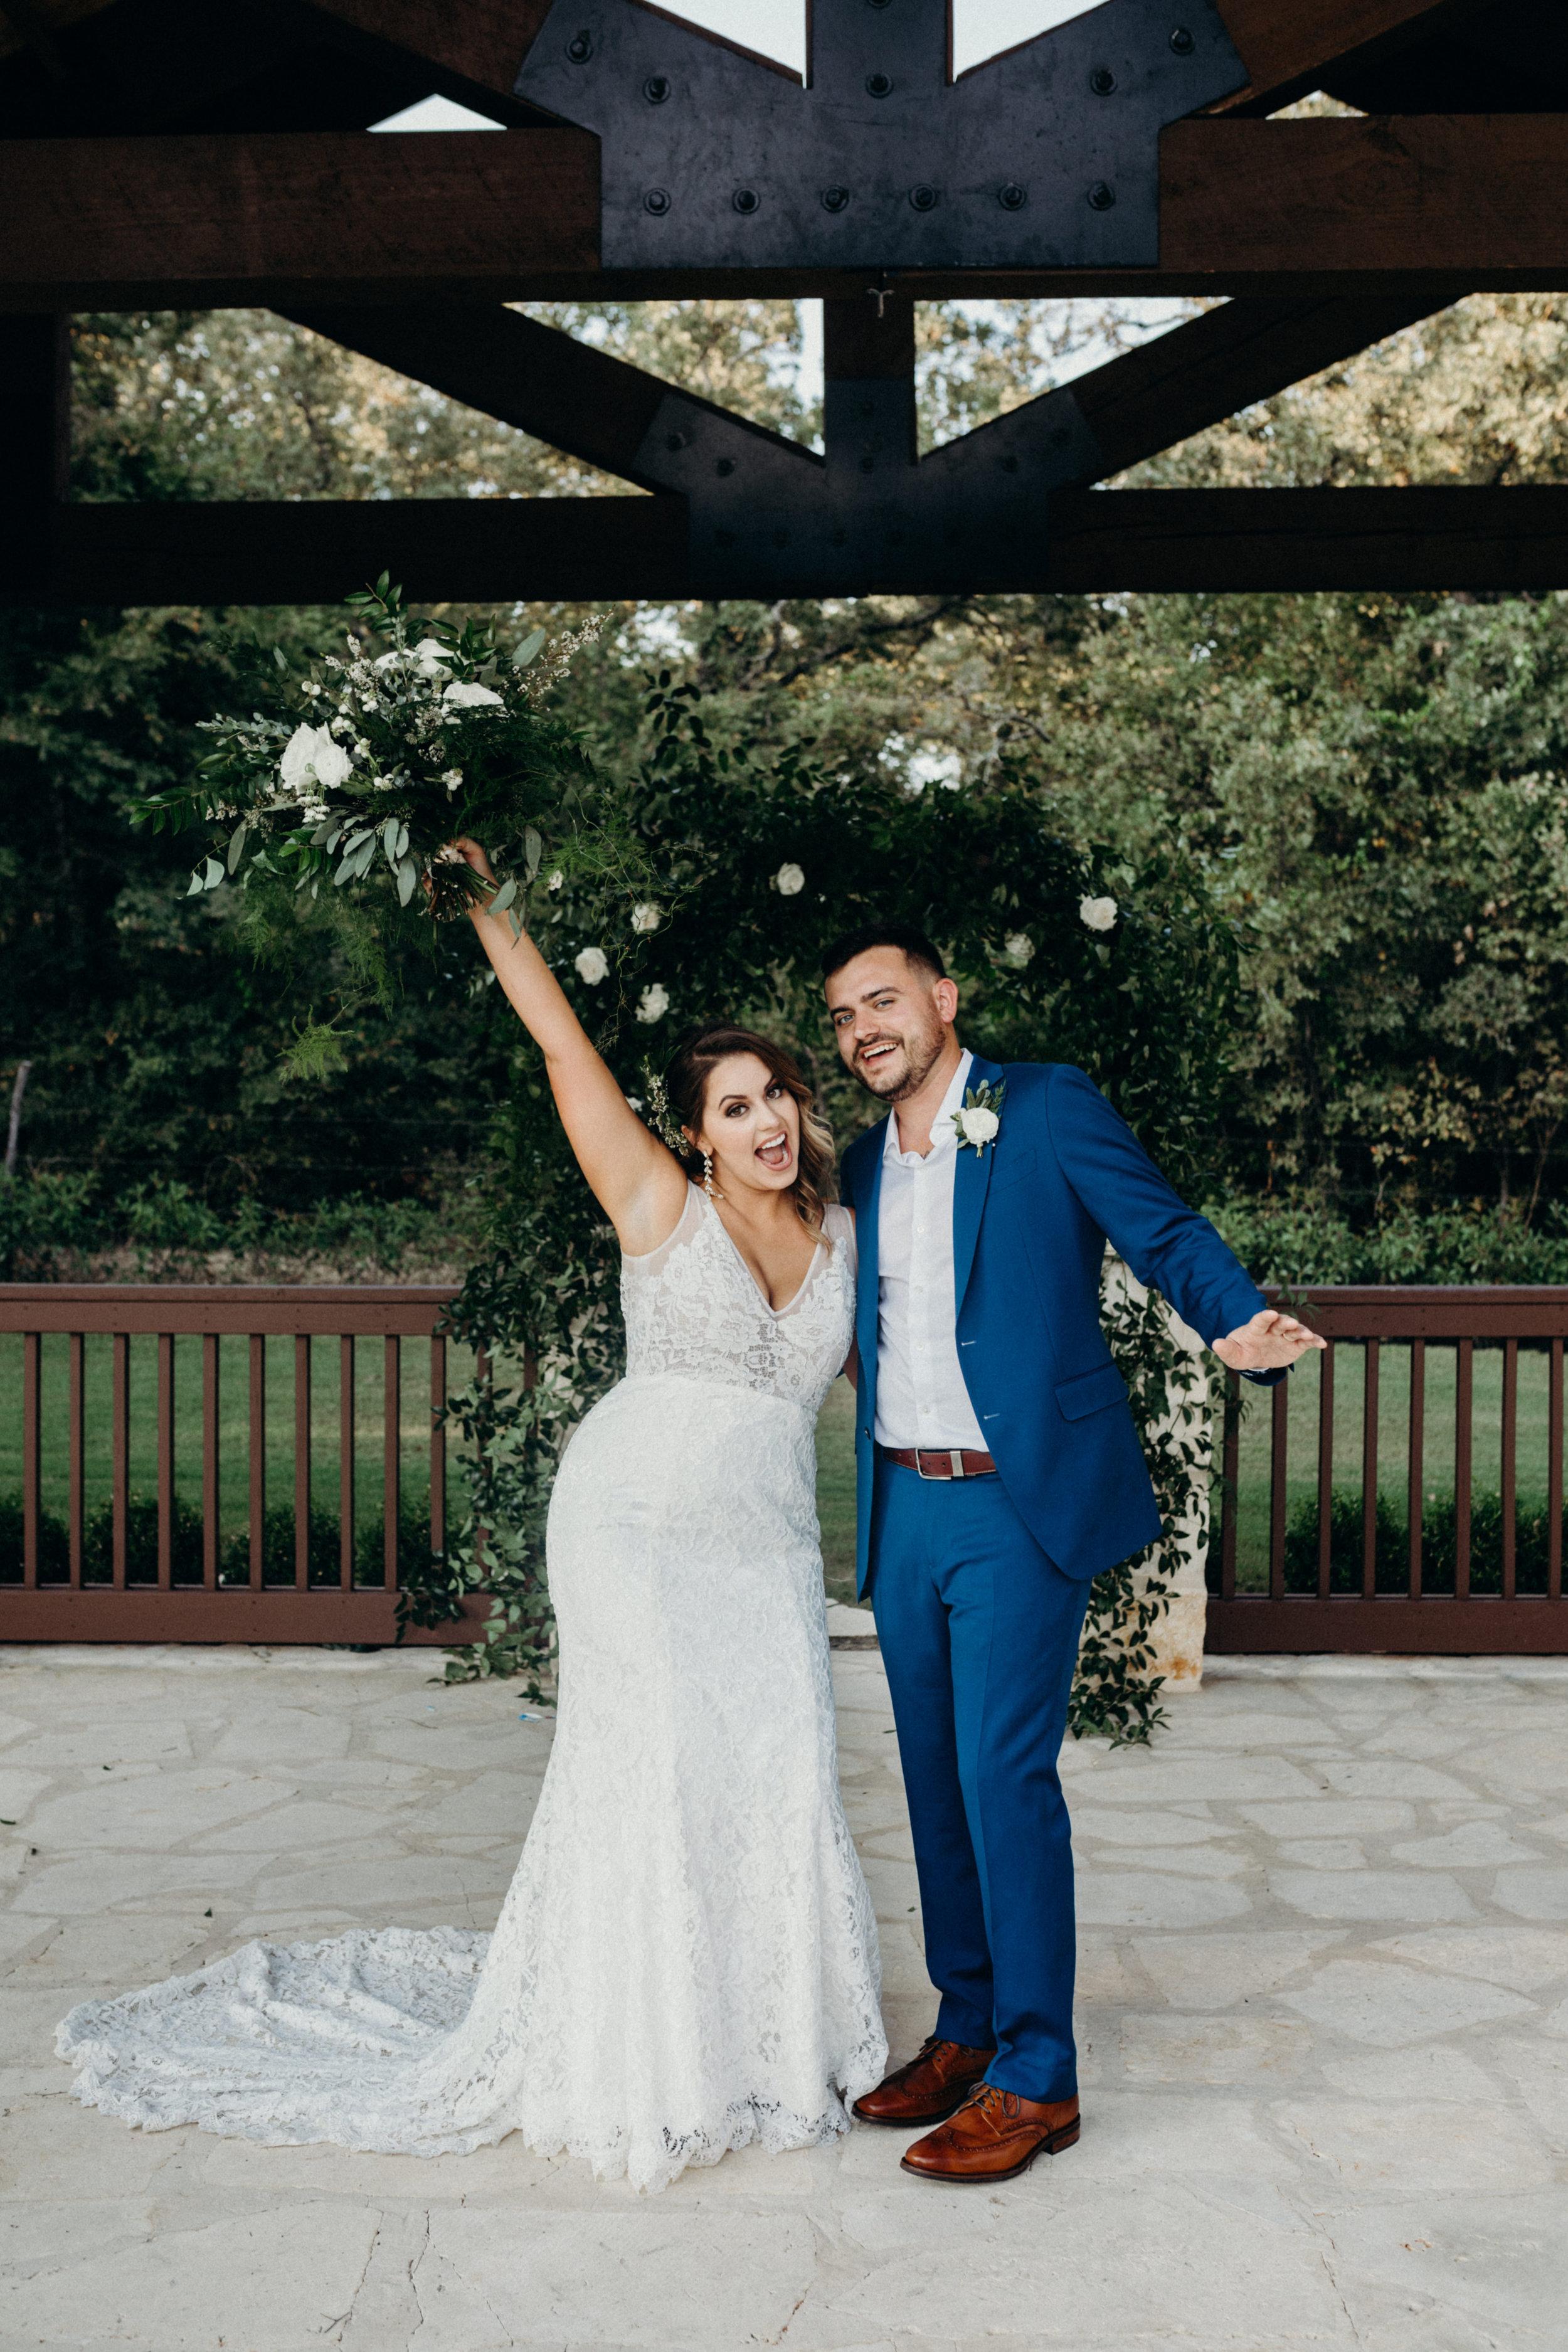 dietzen_aubrey-texas-the-springs-wedding_023-1.jpg